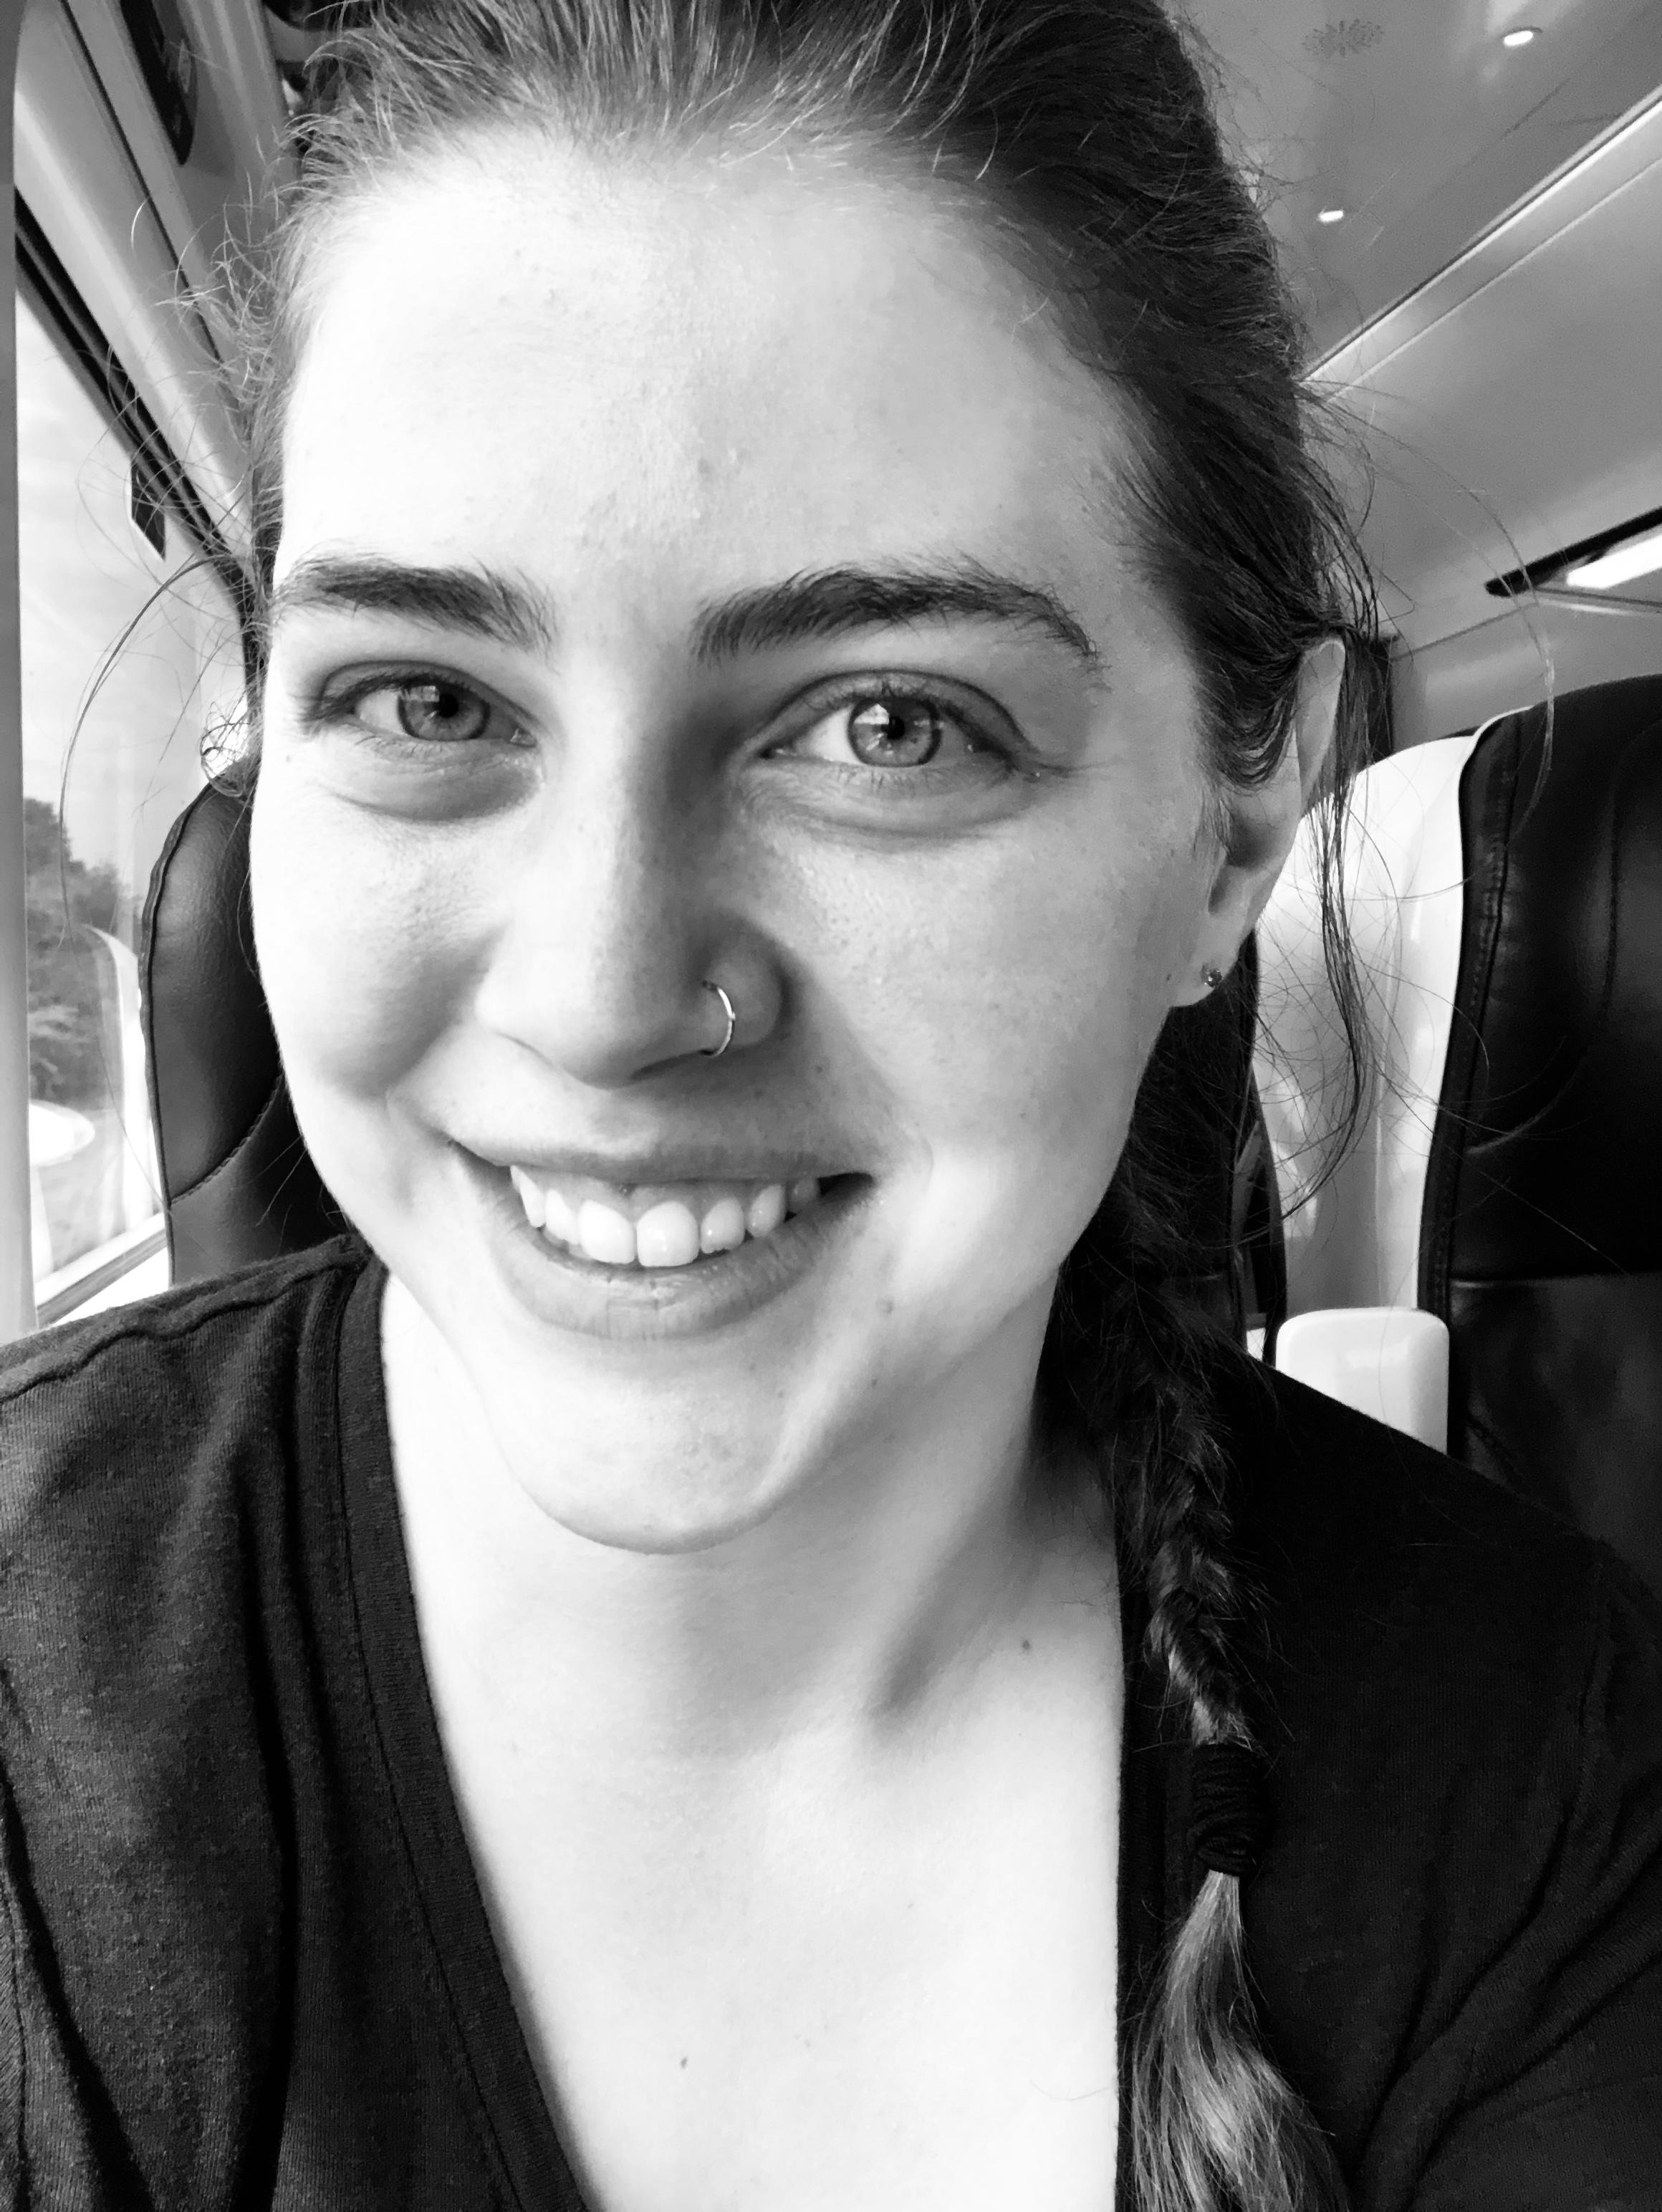 Train selfie!